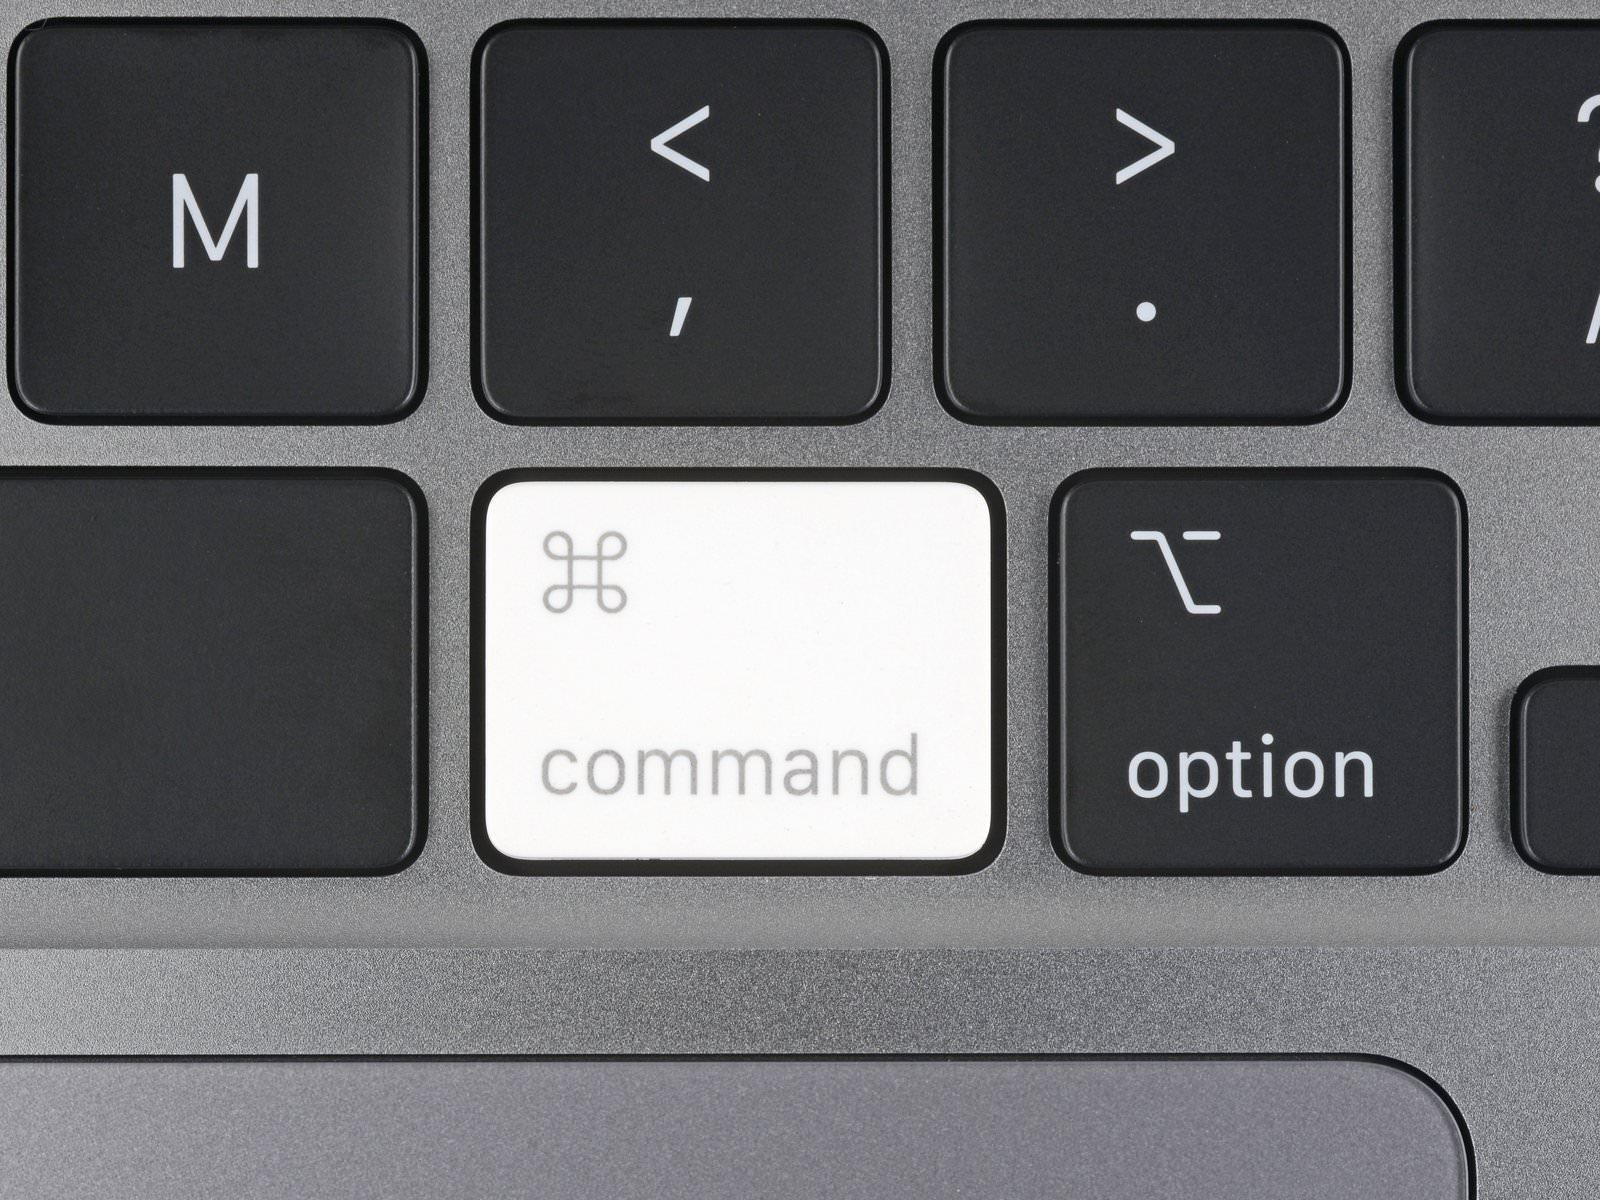 Macbookpro 16inch teardown 2